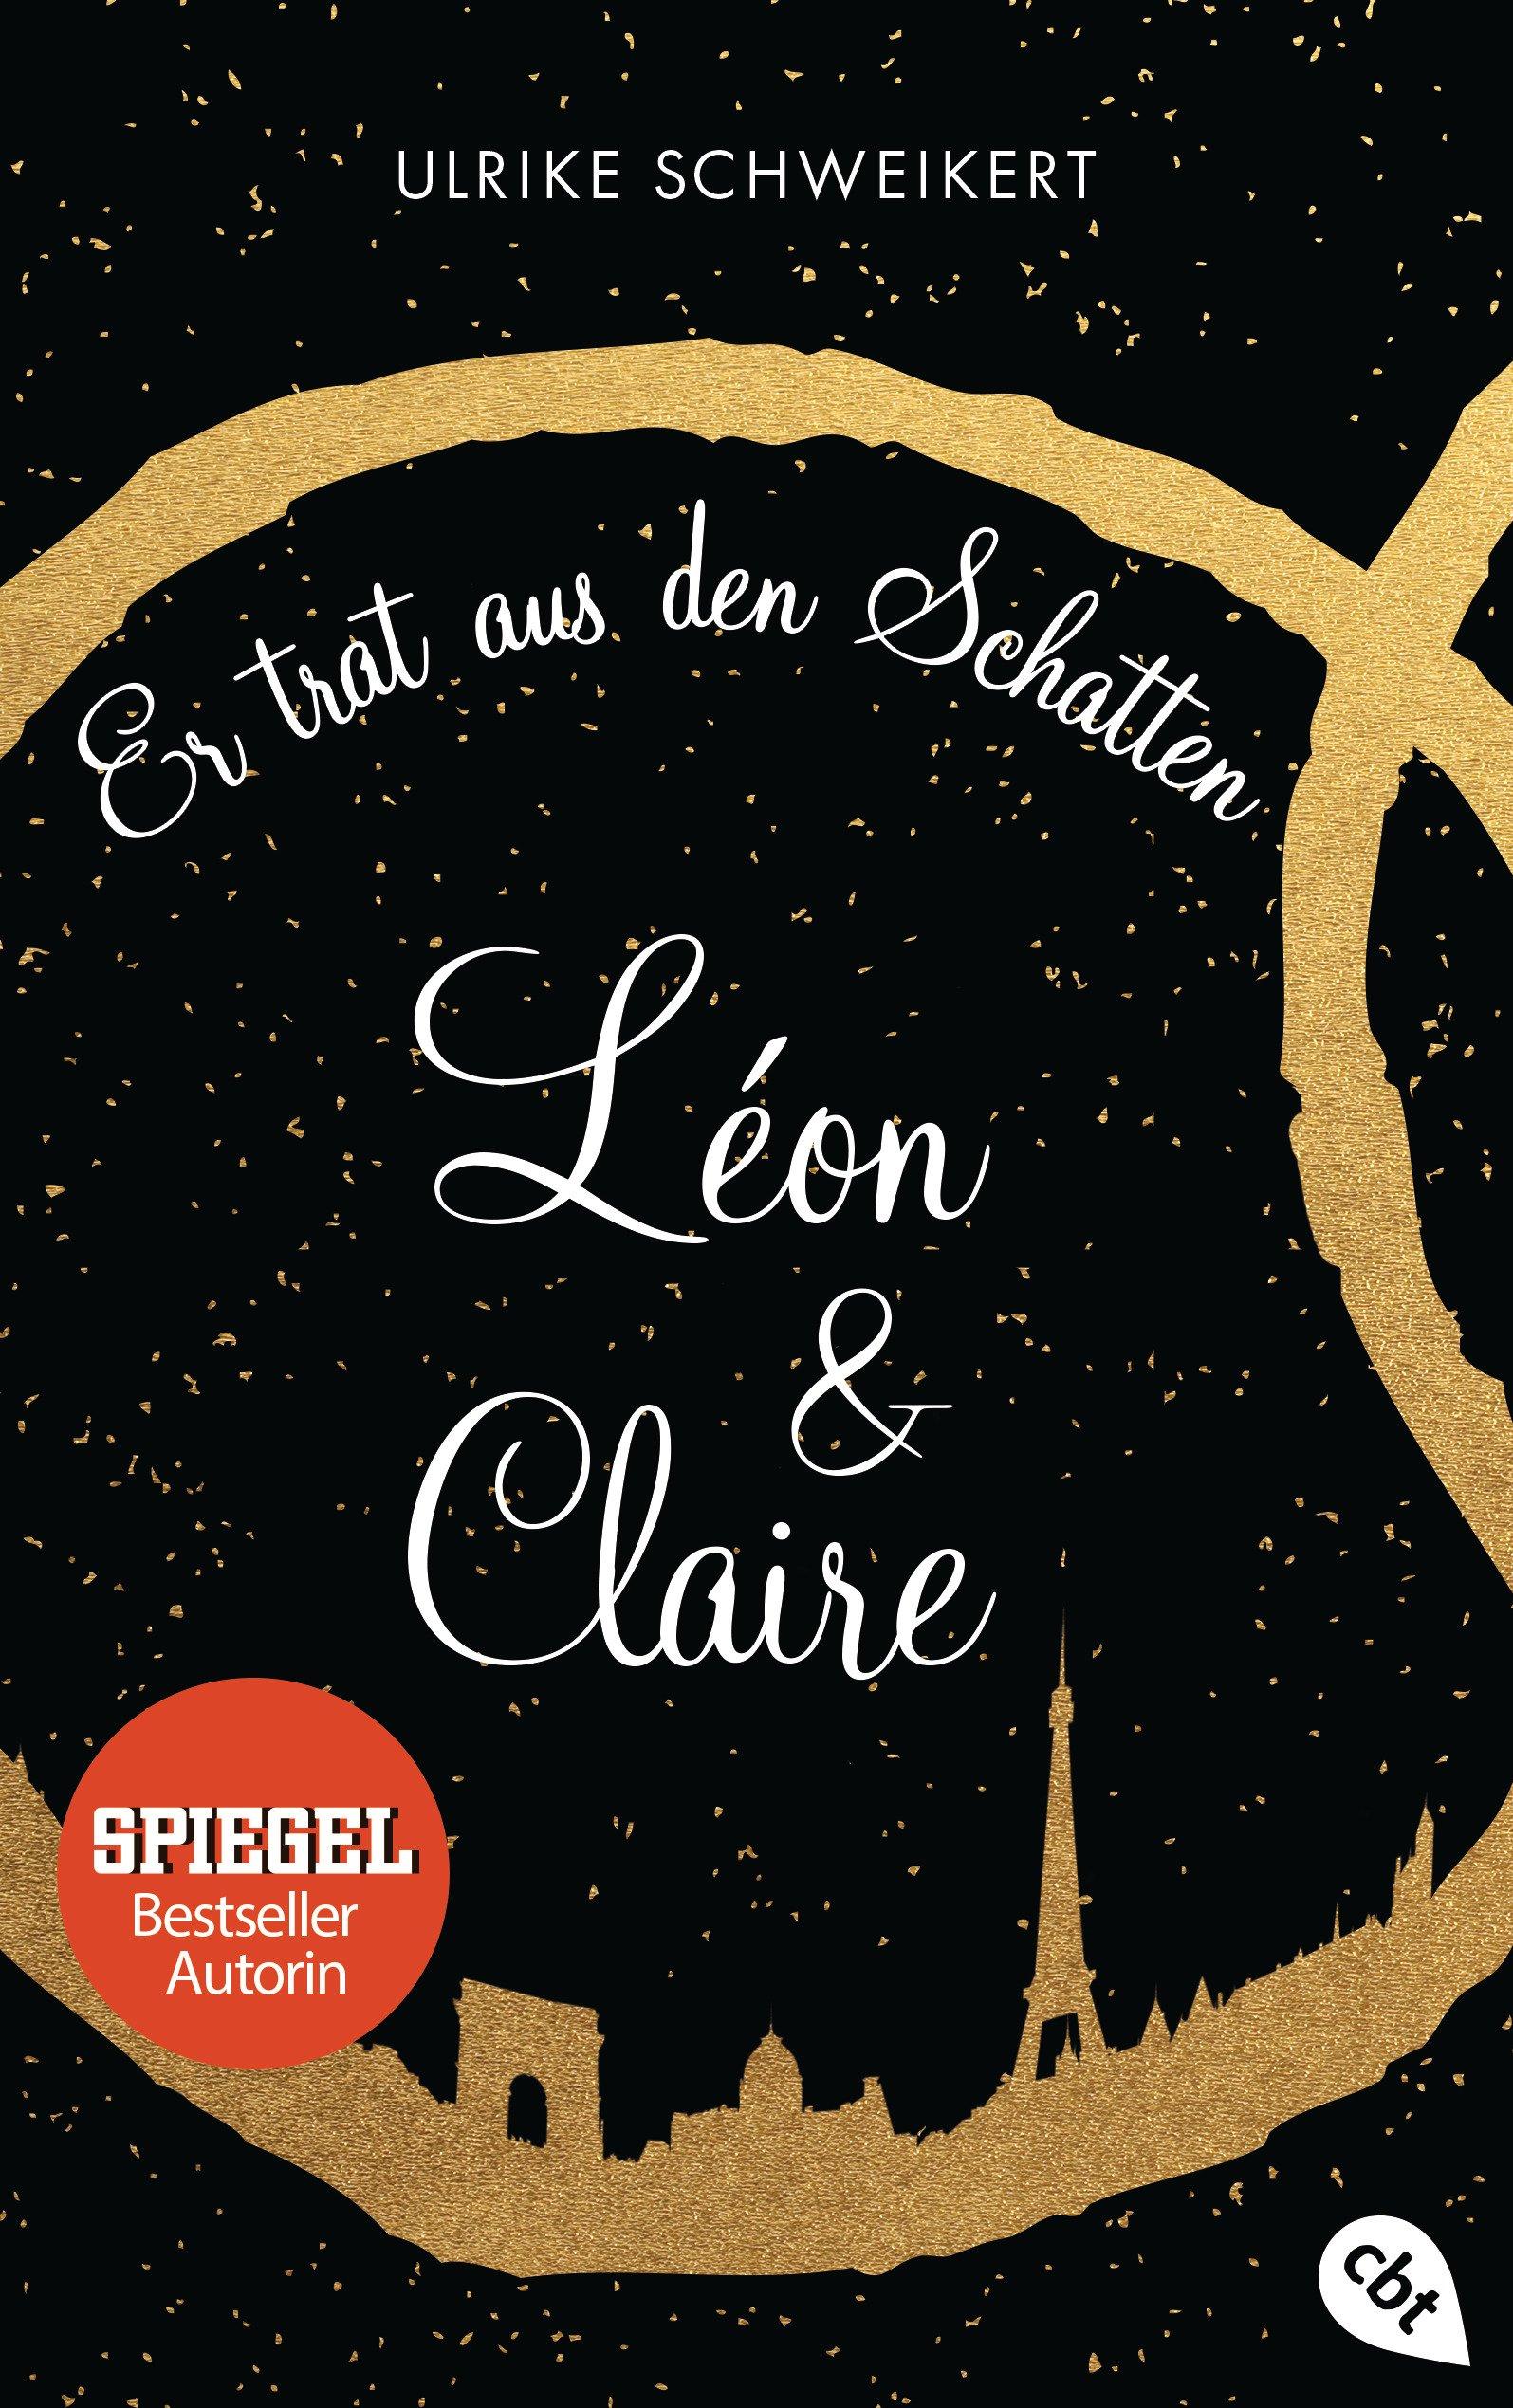 Leon und Claire von Ulrike Schweikert